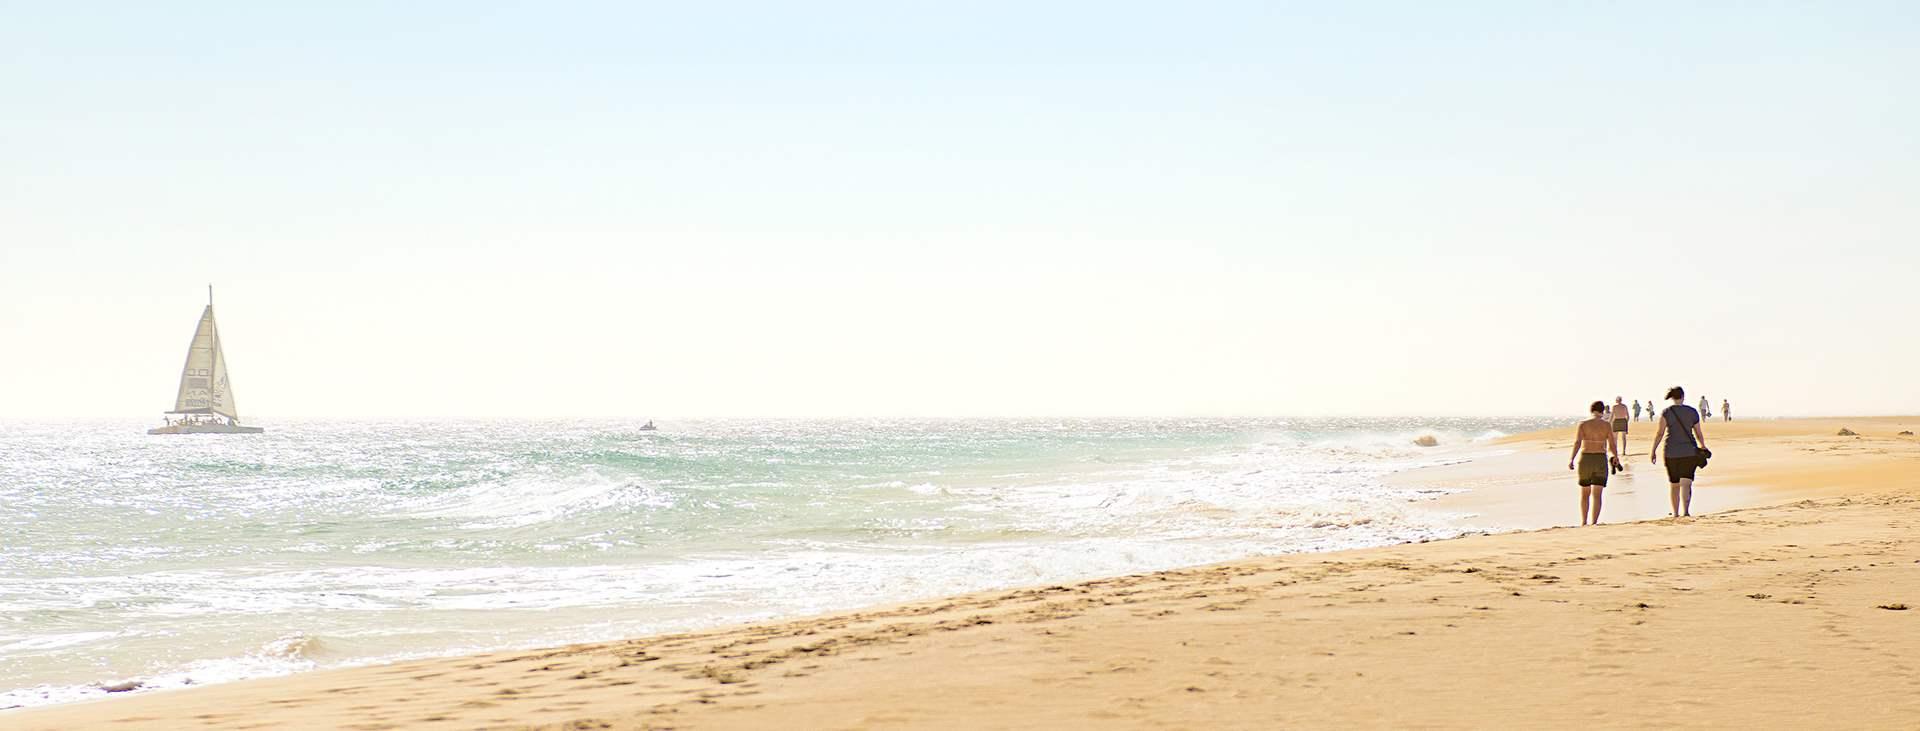 Bestill en reise til solsikre Kapp Verde!